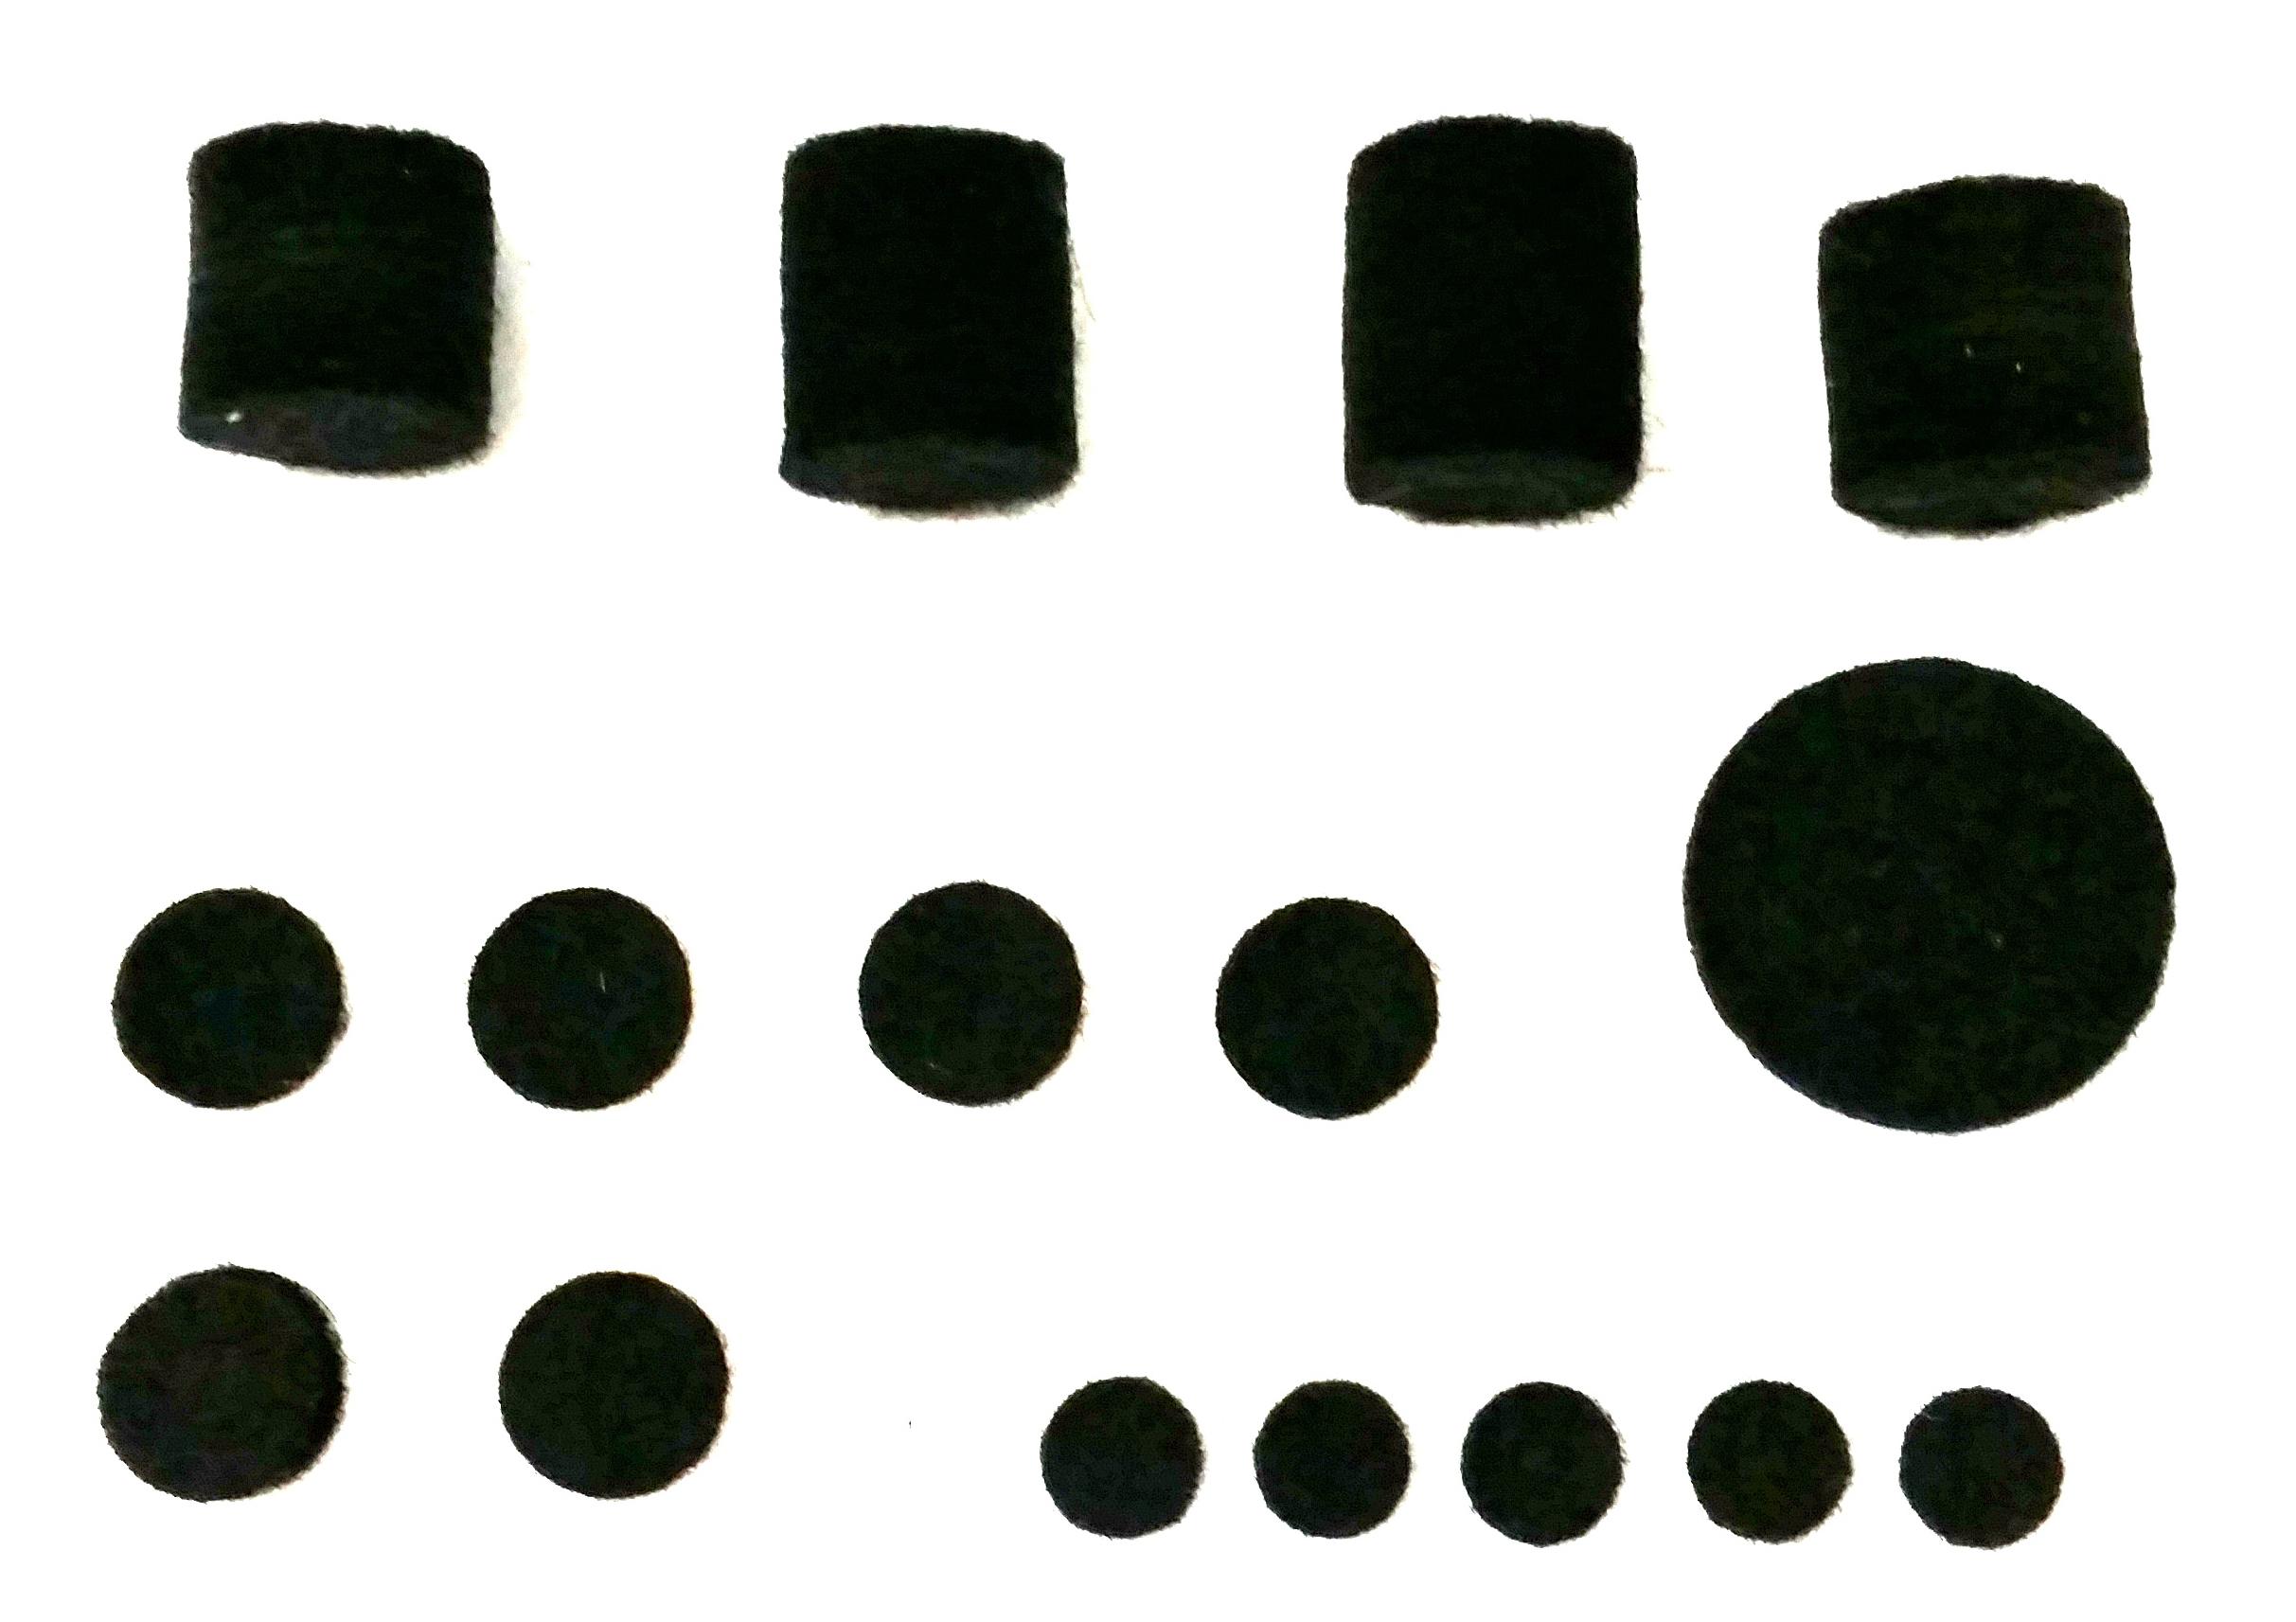 Selmer muta feltrini sax contralto serie e serie raffaele